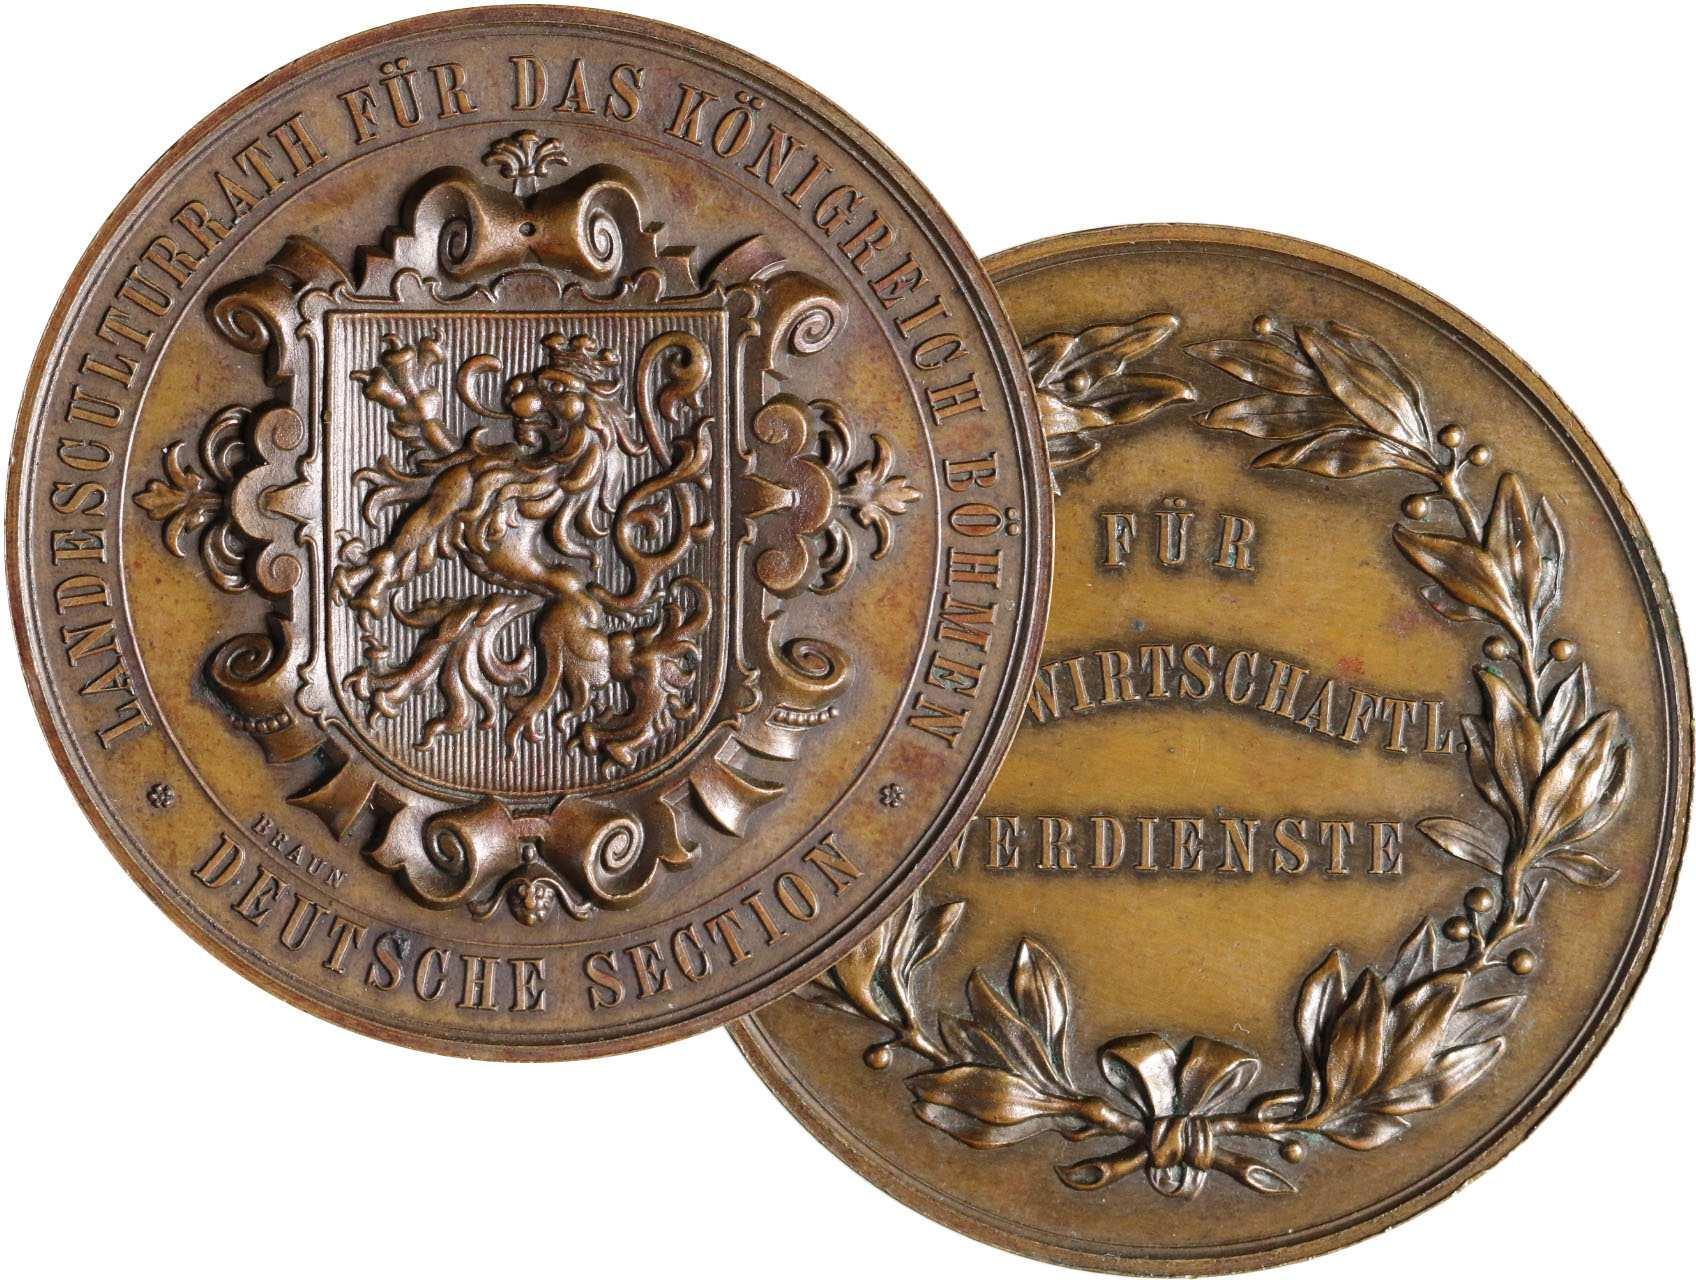 Záslužné - AE medaile b.l., Za zemědělské zásluhy, Státní rady pro království České, Německá sekce. Český lev ve znaku, německý opis / německý text ve vavřínovém věnci. Bronz, 46 mm, značeno BRAUN